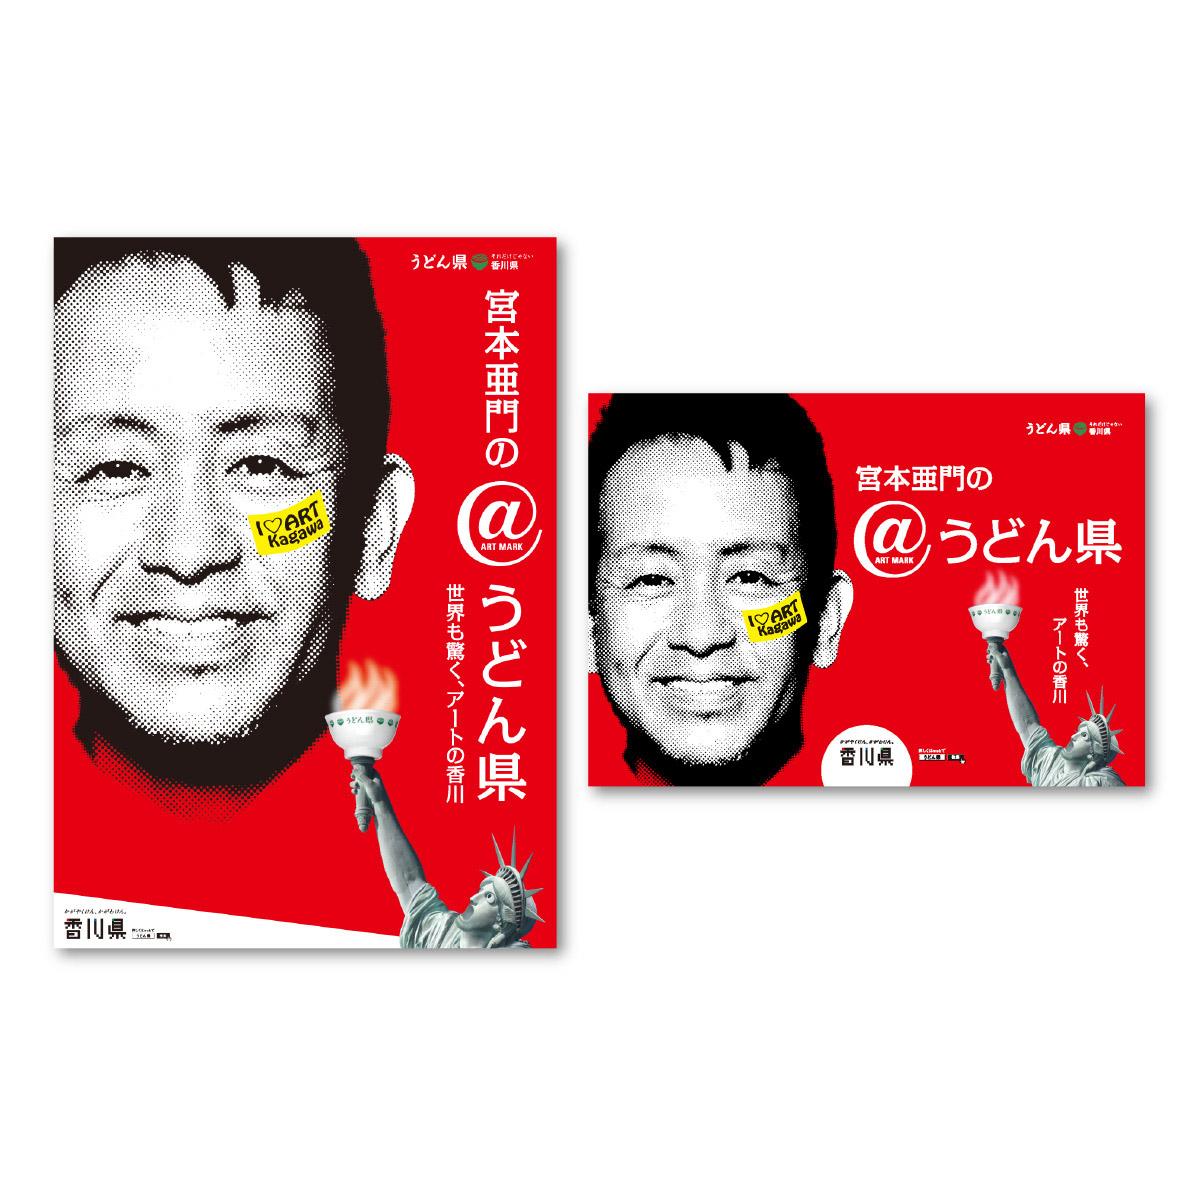 宮本亜門のアートマークうどん県 ポスター